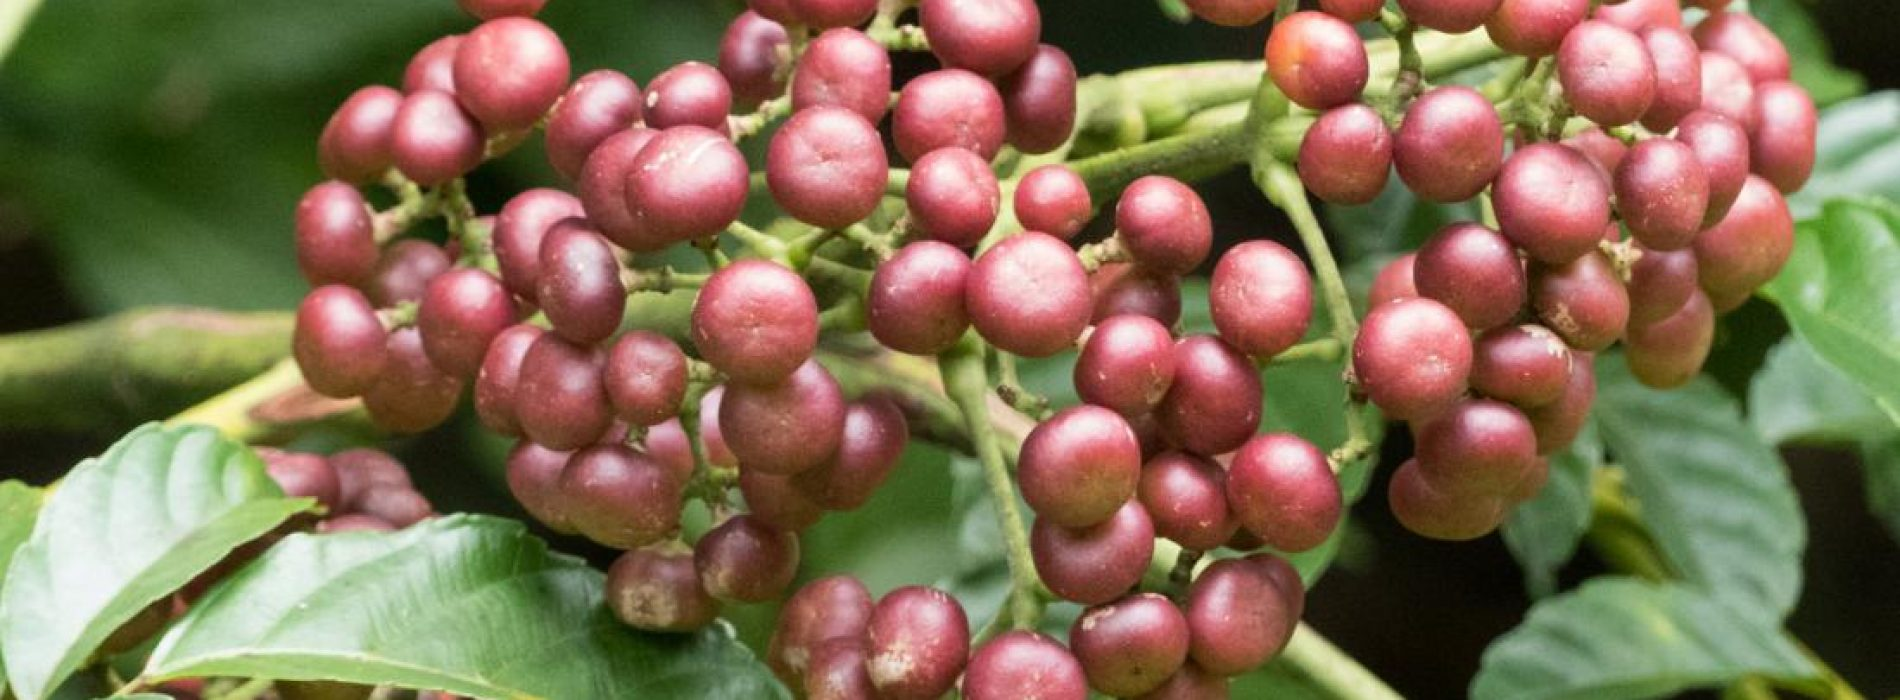 Deze 5 tropische planten kunnen 'antikanker voordelen' bieden